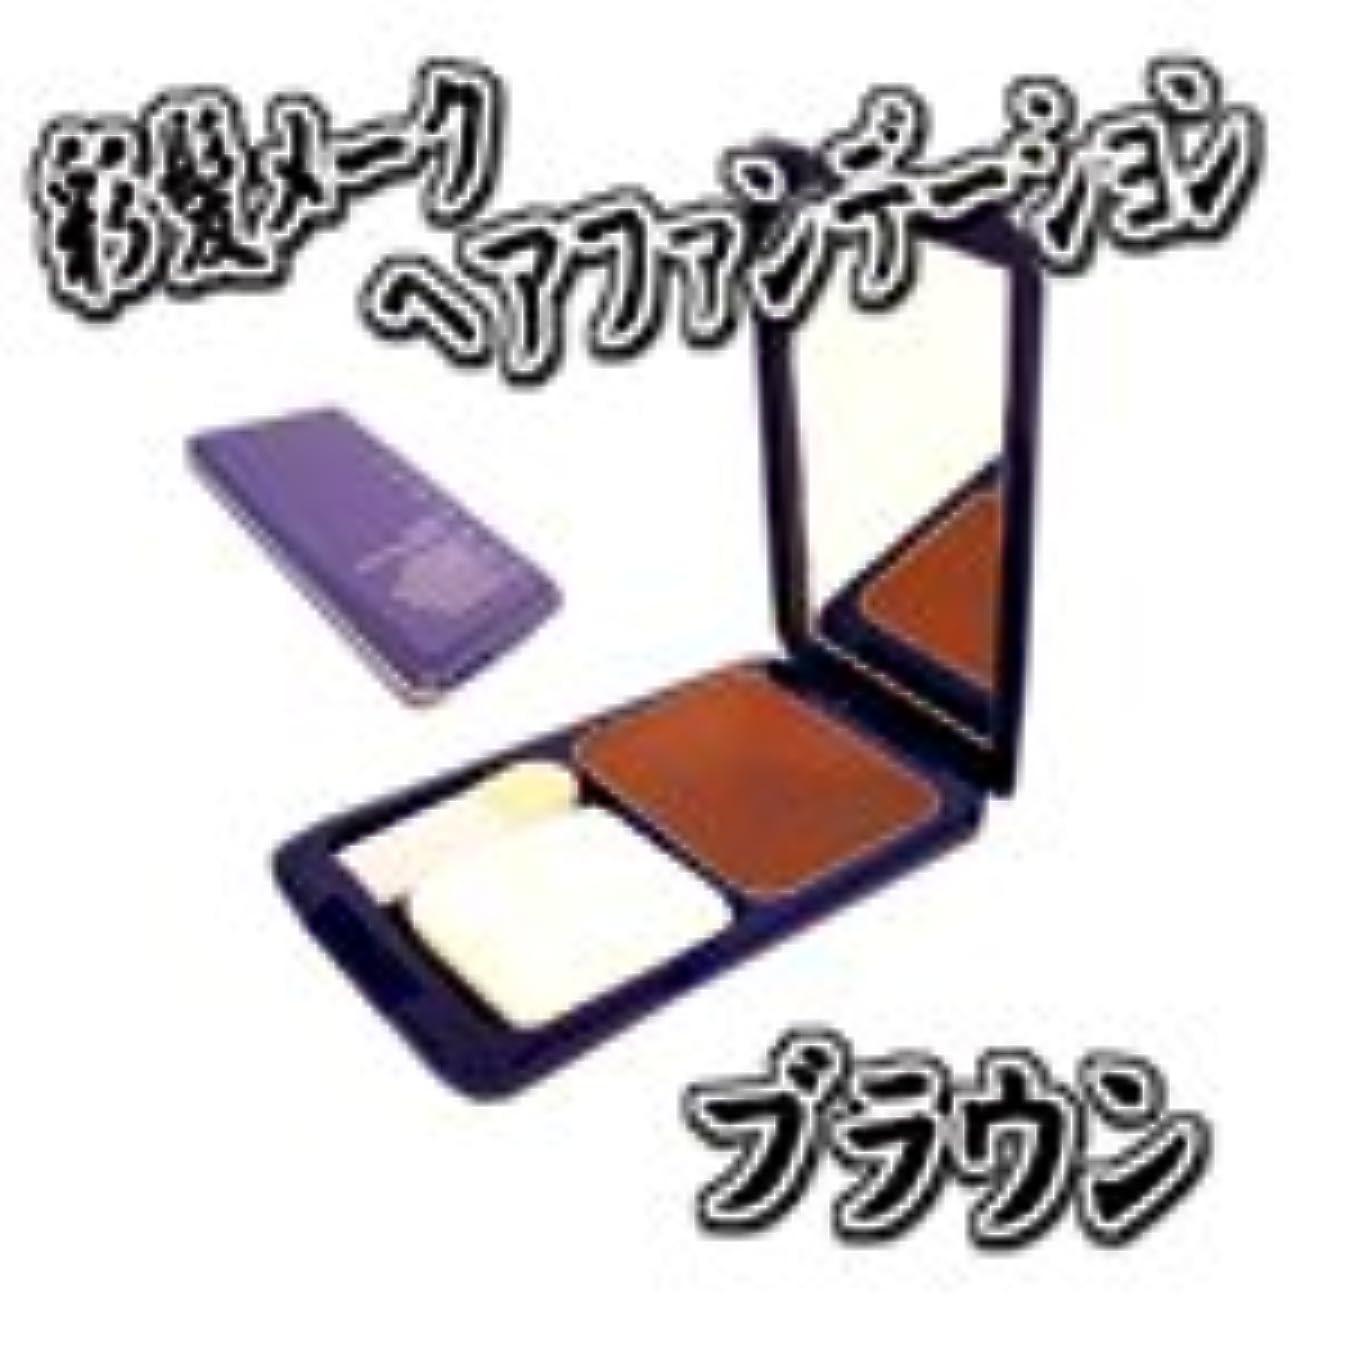 うねるカスケード確かにジュモン 彩髪メーク ファンデーション 【ブラウン】 白髪隠し コンパクトタイプ